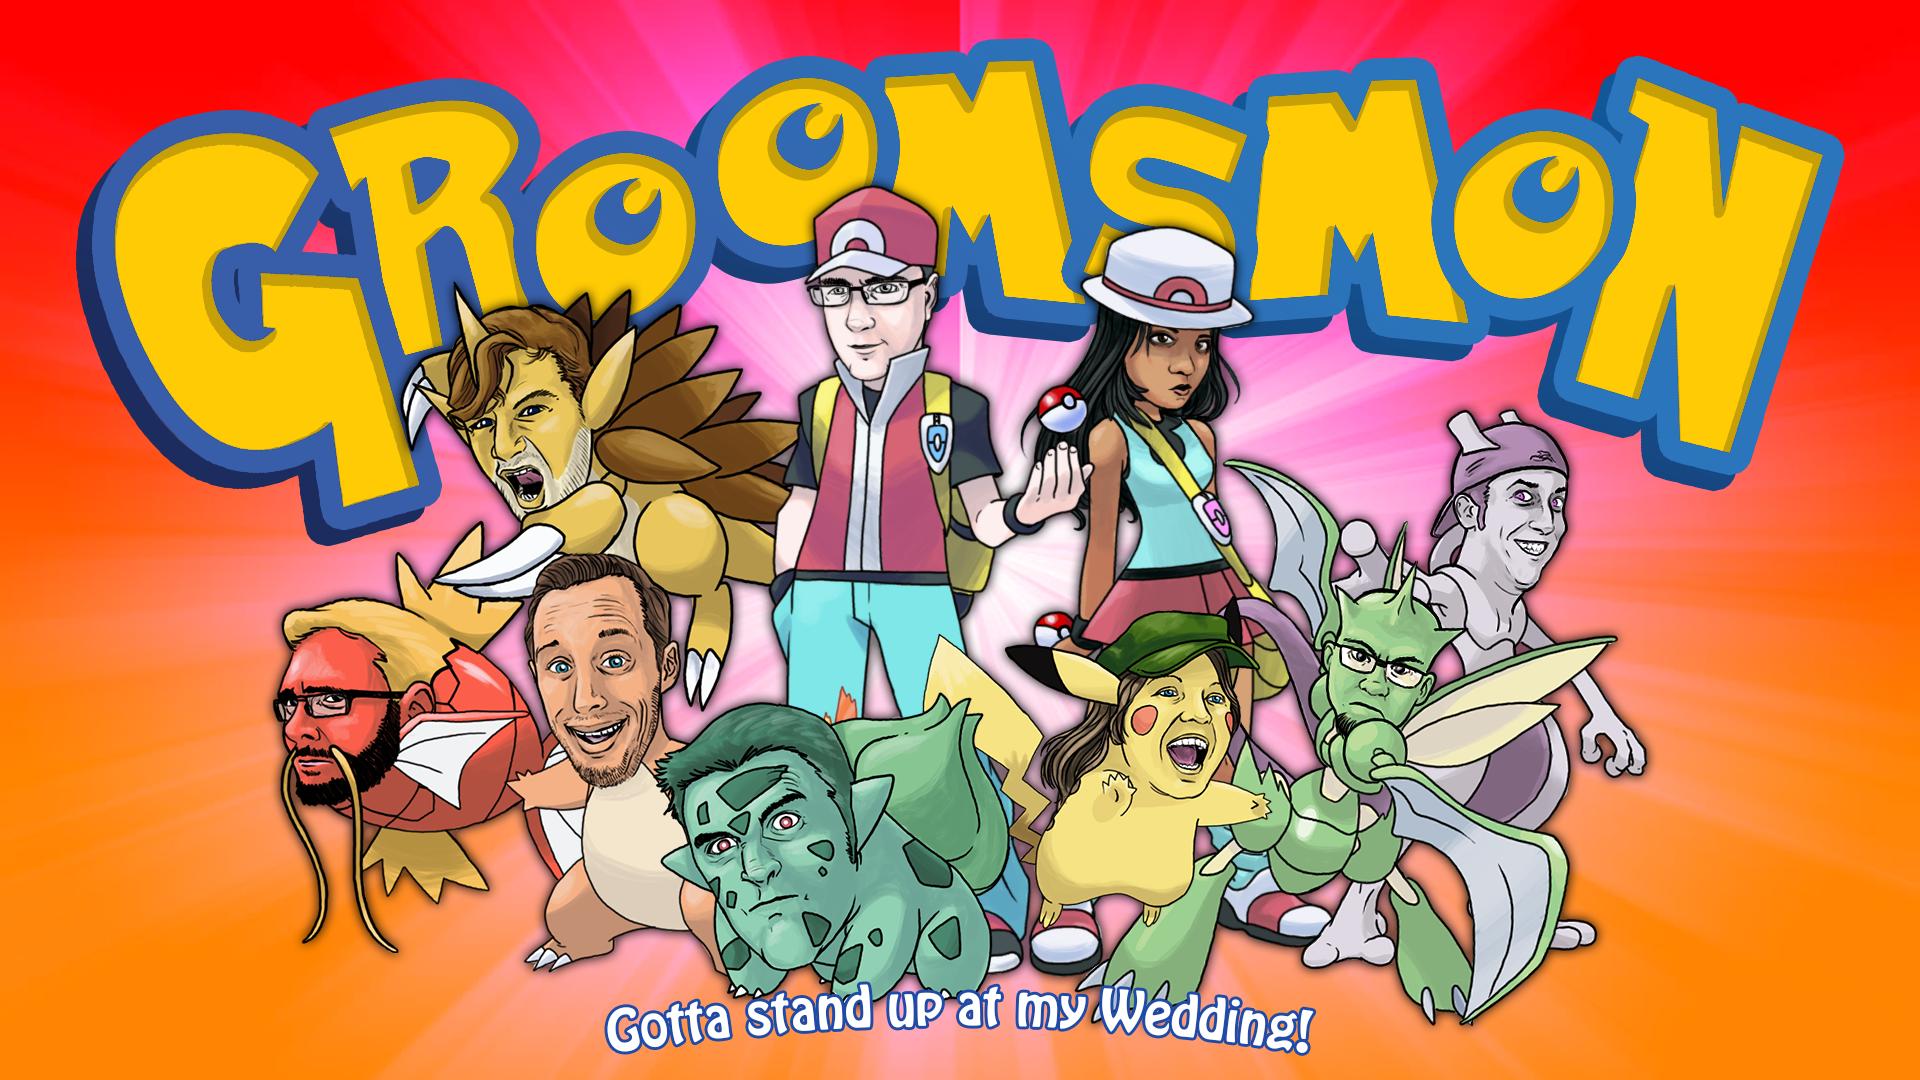 Groomsmon!